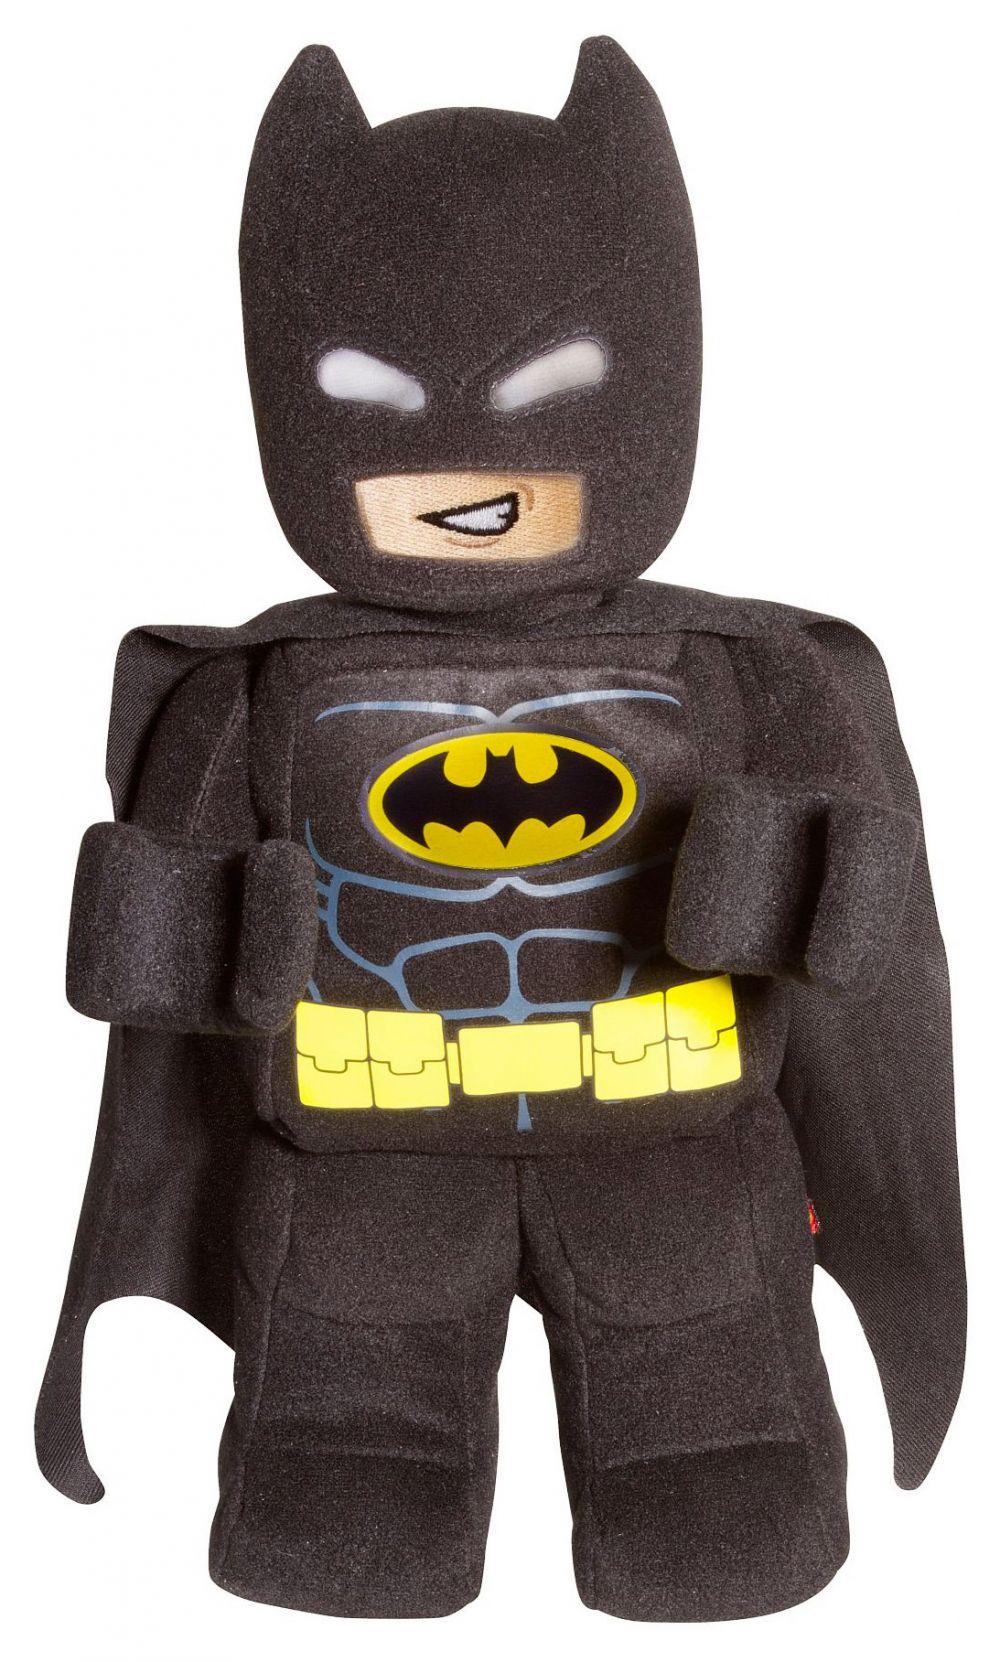 Lego Objets Divers 853652 Pas Cher Peluche Batman Lego